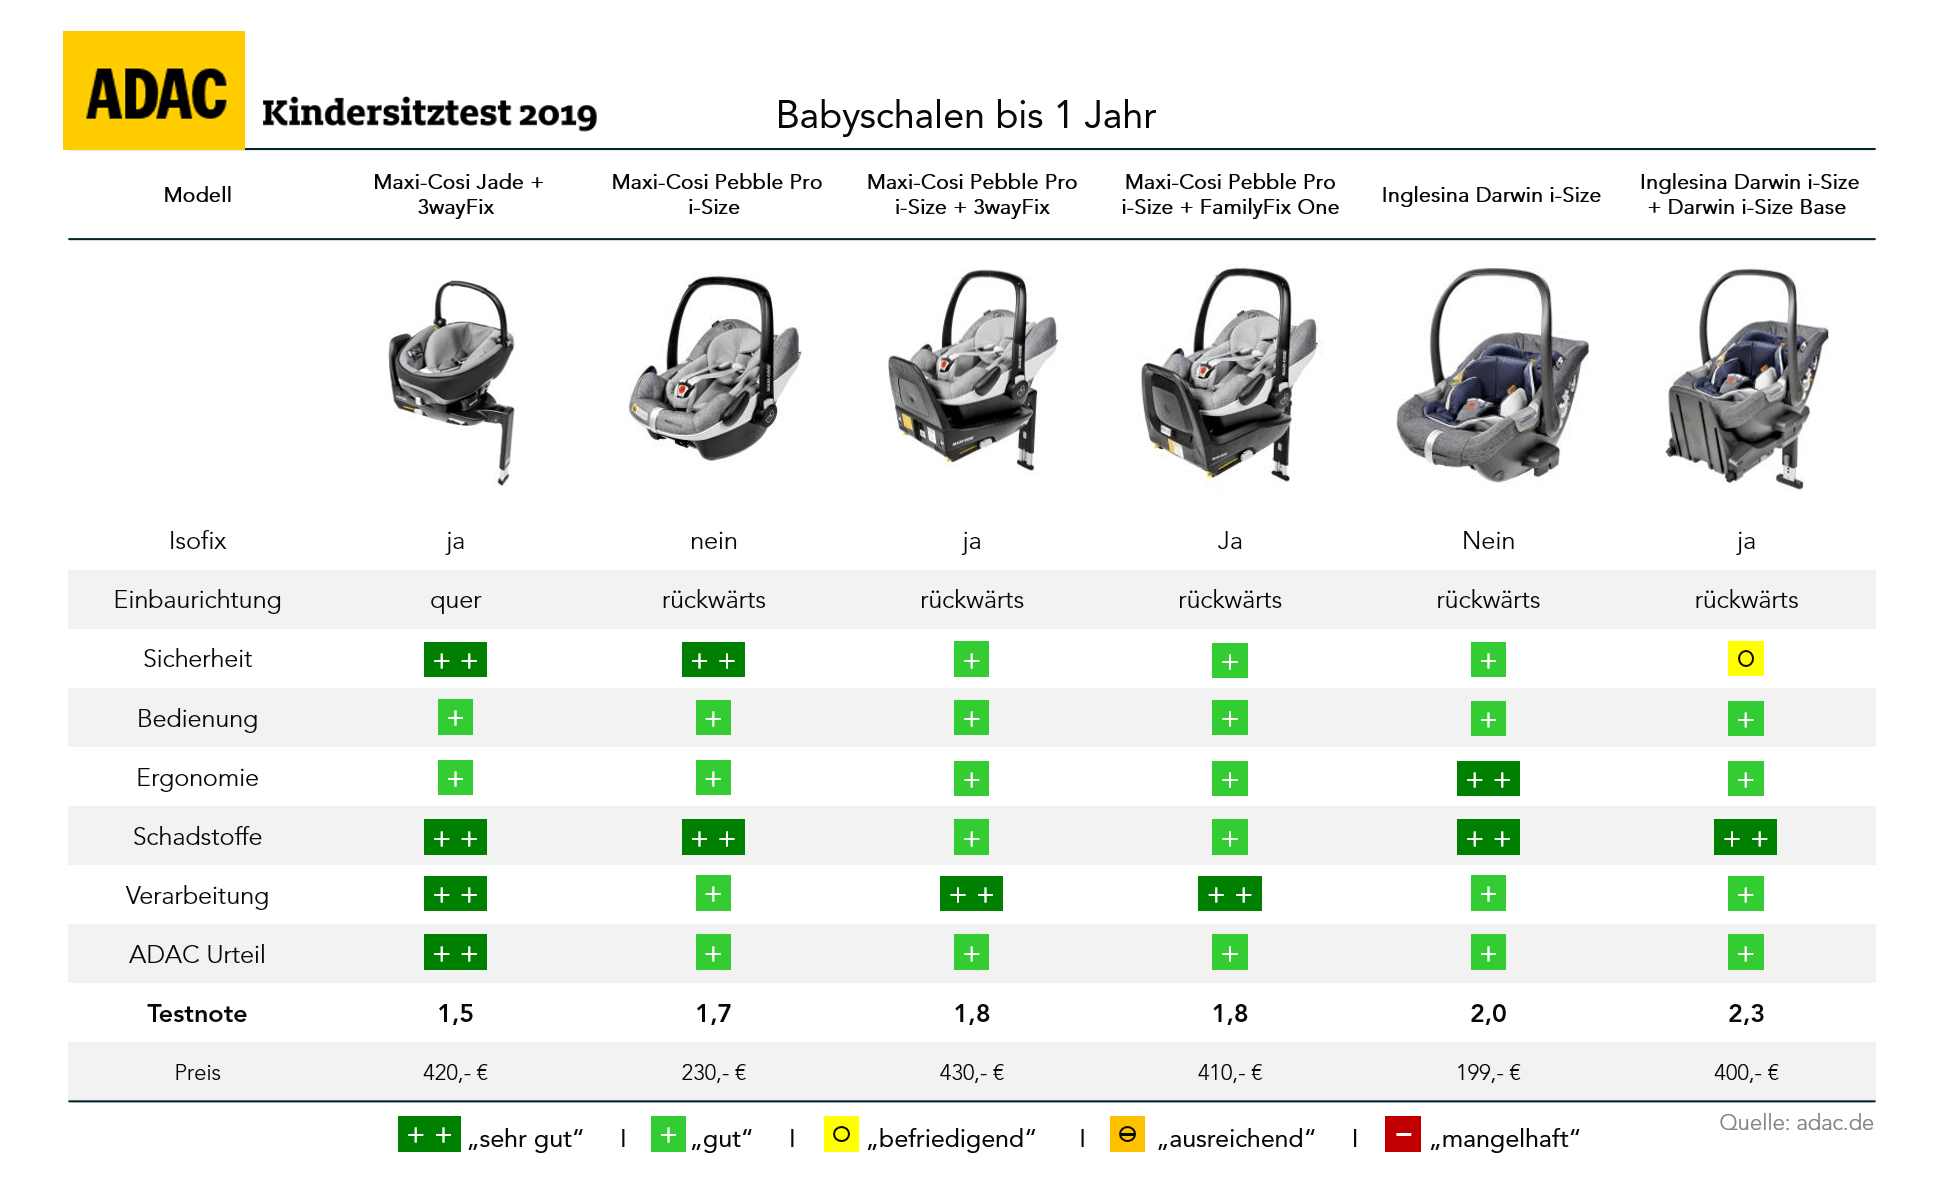 Kindersitzprofis-ADAC-Kindersitz-Test-2019-Frühjahr-Babyschalen-bis-1-Jahr